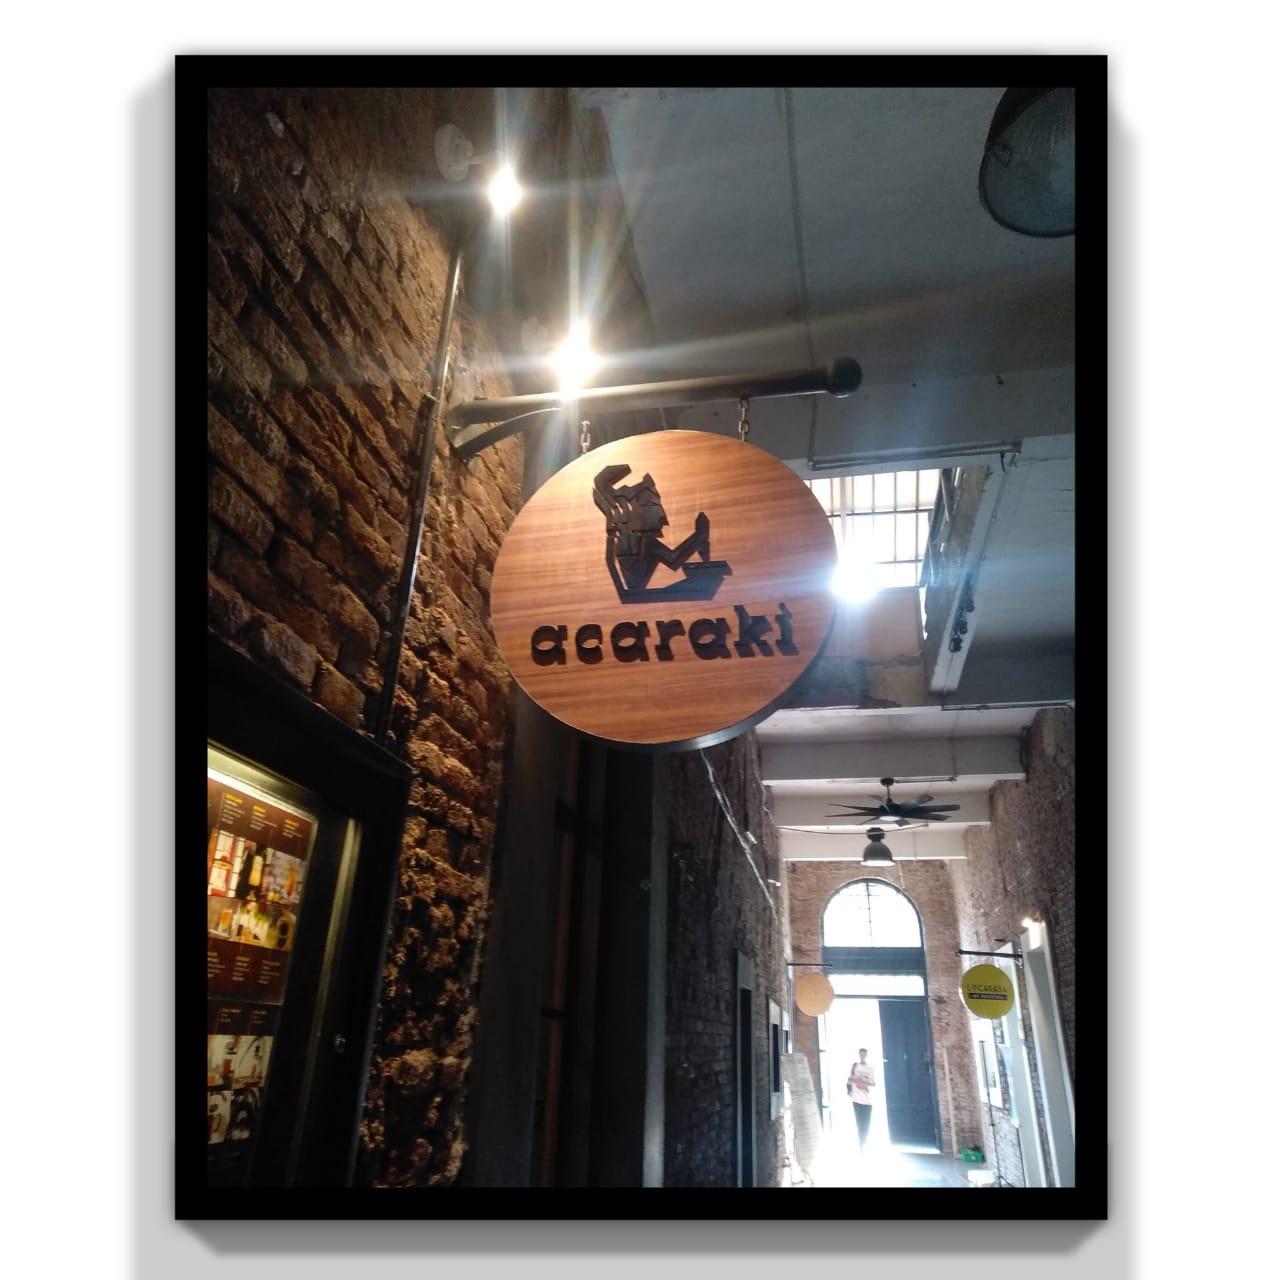 Acaraki Cafe